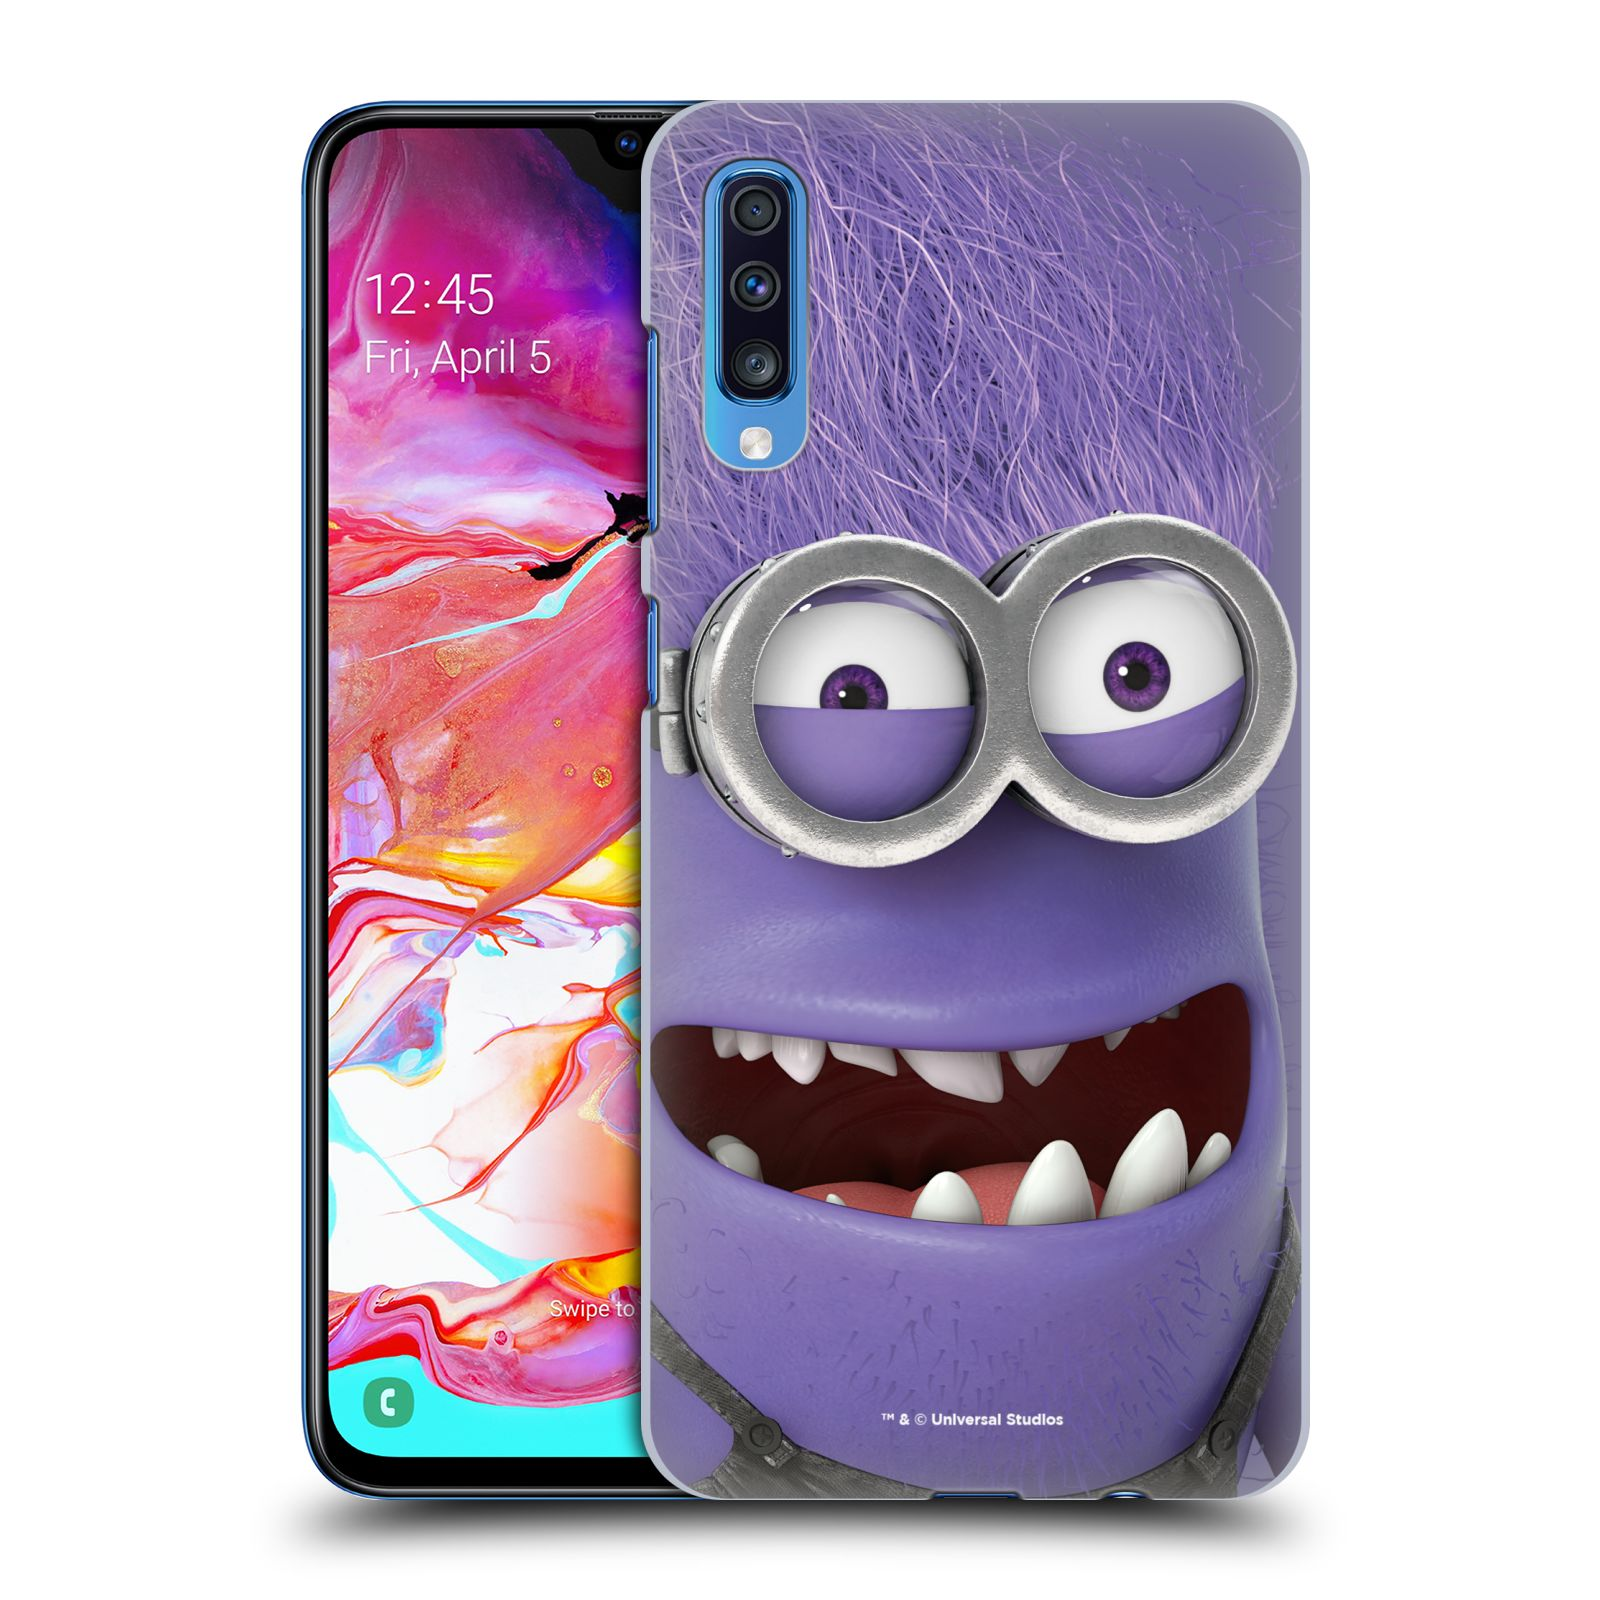 Plastové pouzdro na mobil Samsung Galaxy A70 - Head Case - Zlý Mimoň z filmu Já, padouch - Despicable Me